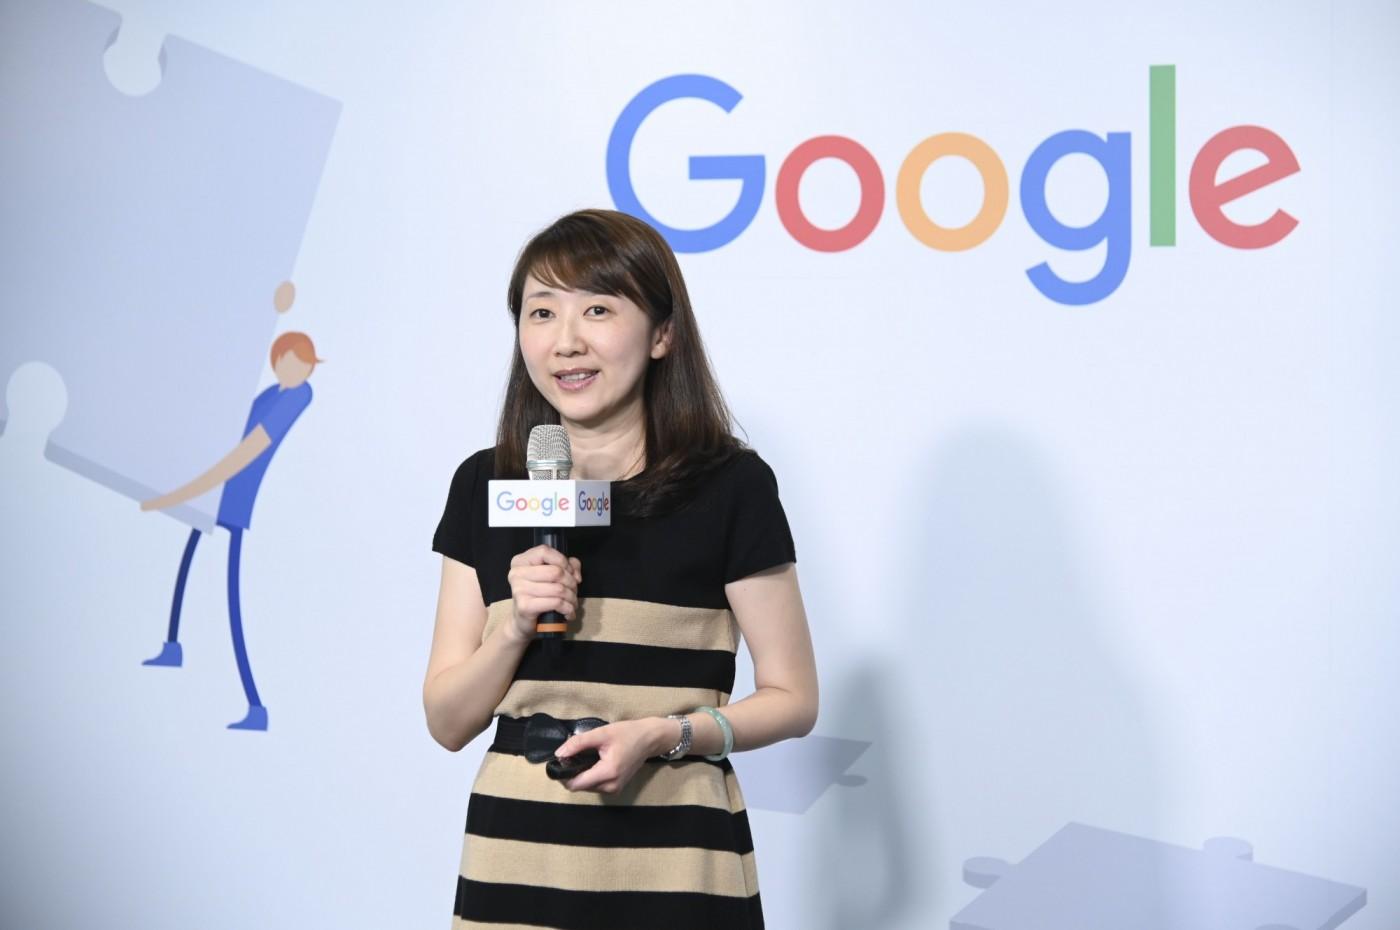 疫情劃破數位人才大缺口,Google啟動8千名行銷人培育計畫